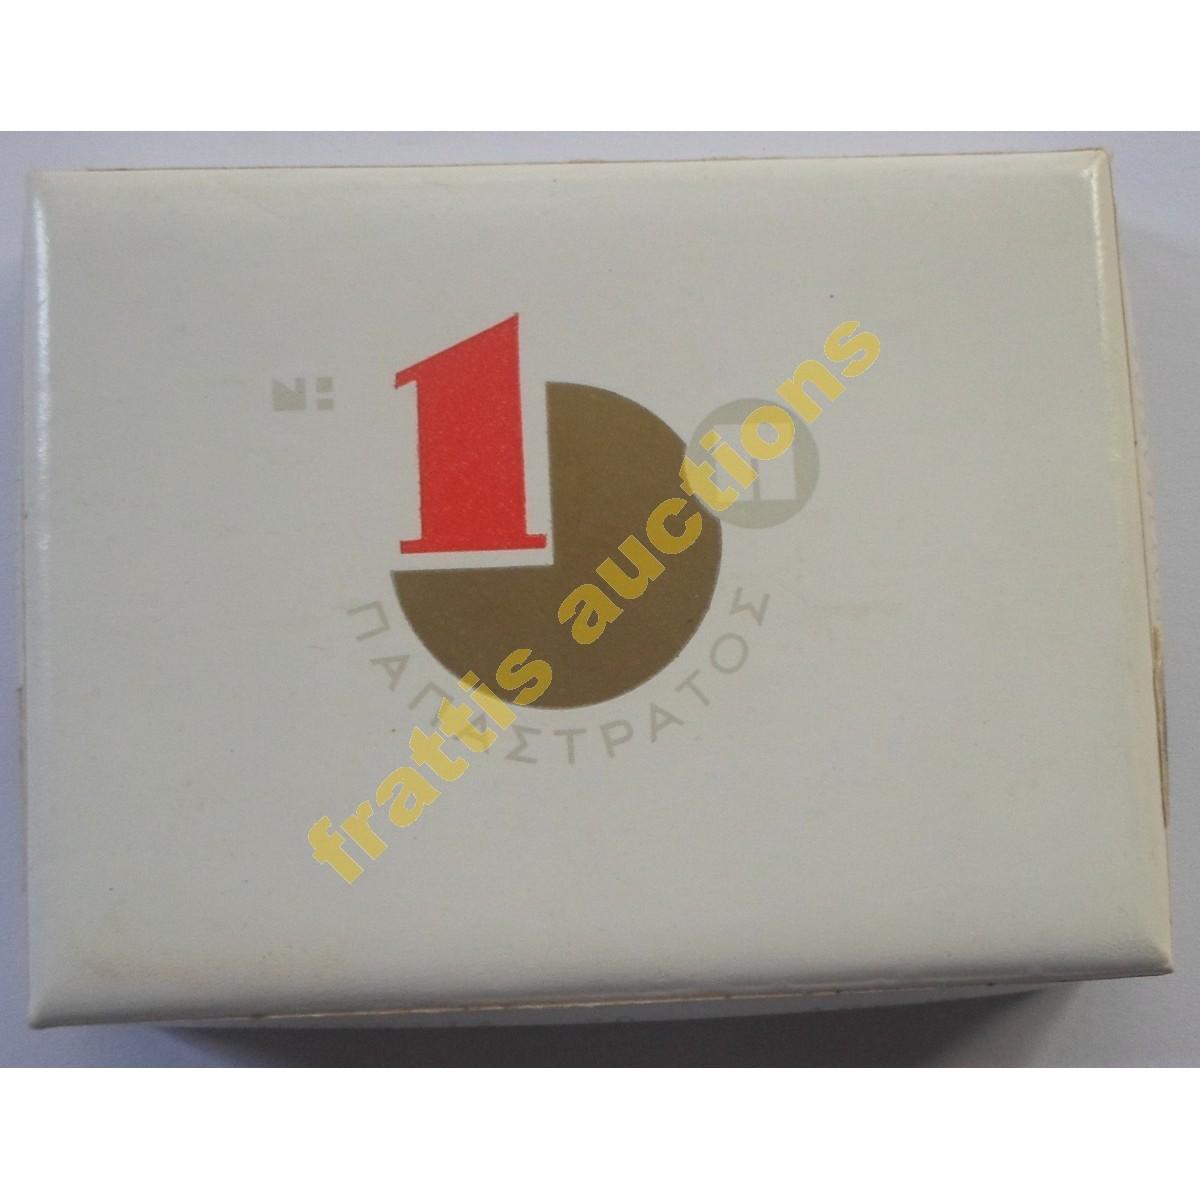 Νο 1 Παπαστράτος Vintage  χάρτινο πακέτο των 20 σιγαρέττων δρχ.10